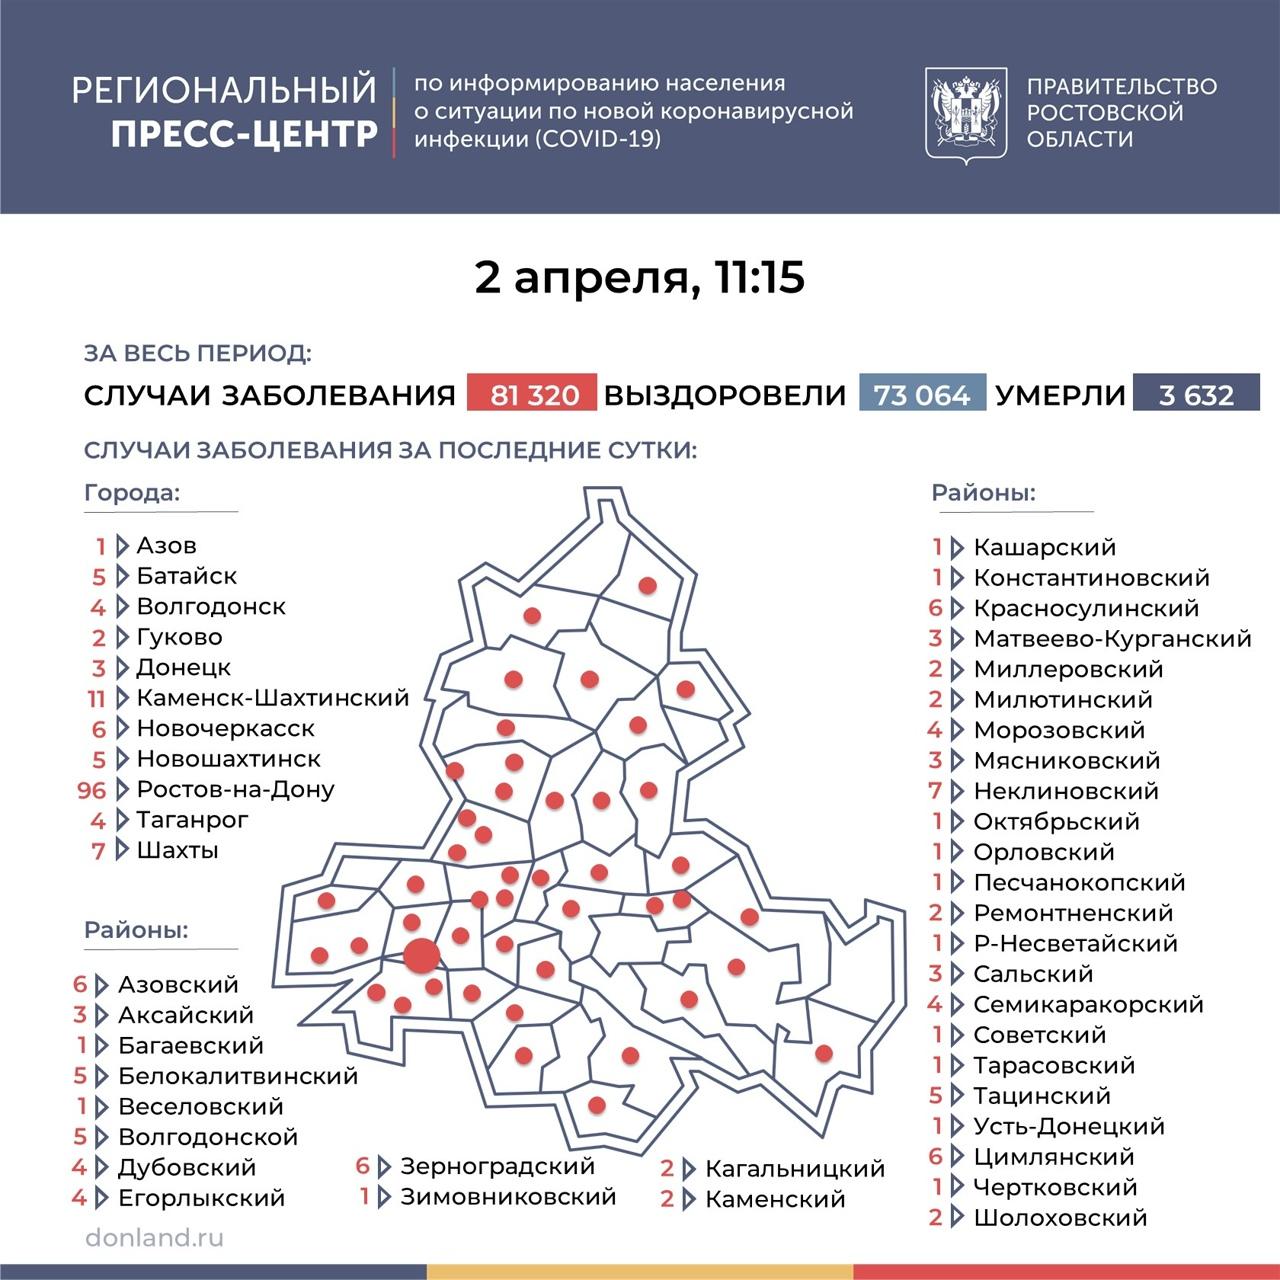 На Дону число инфицированных COVID-19 составляет 243, в Таганроге 4 новых случая